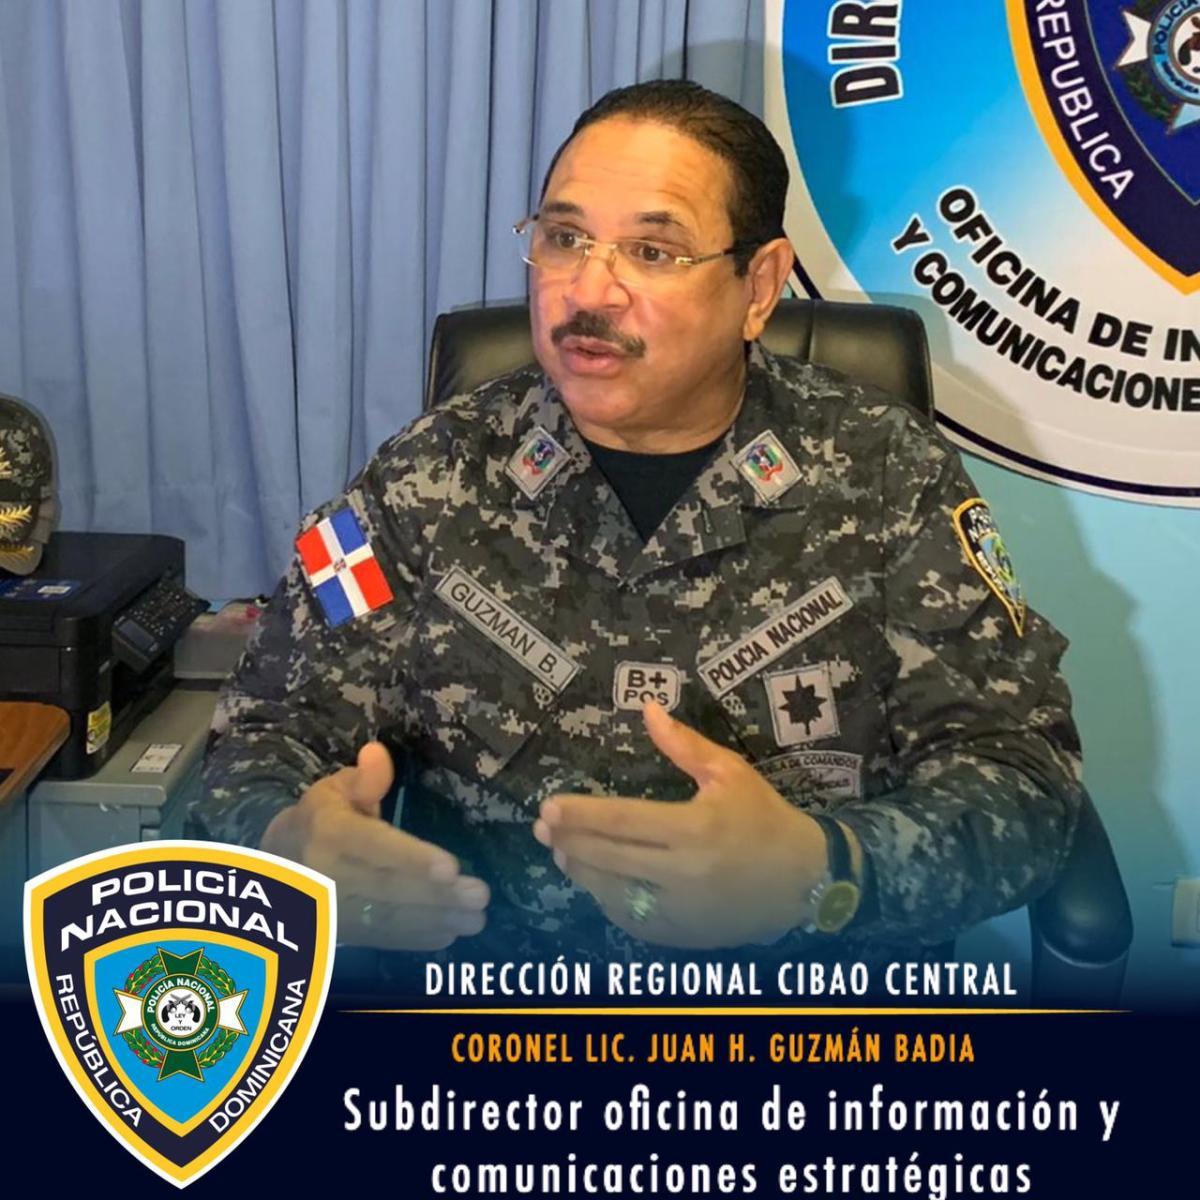 Policía Nacional y Ministerio Público investigan homicidio de dos personas y herida de balas a otro individuo en conflicto entre grupos contrarios enMoca